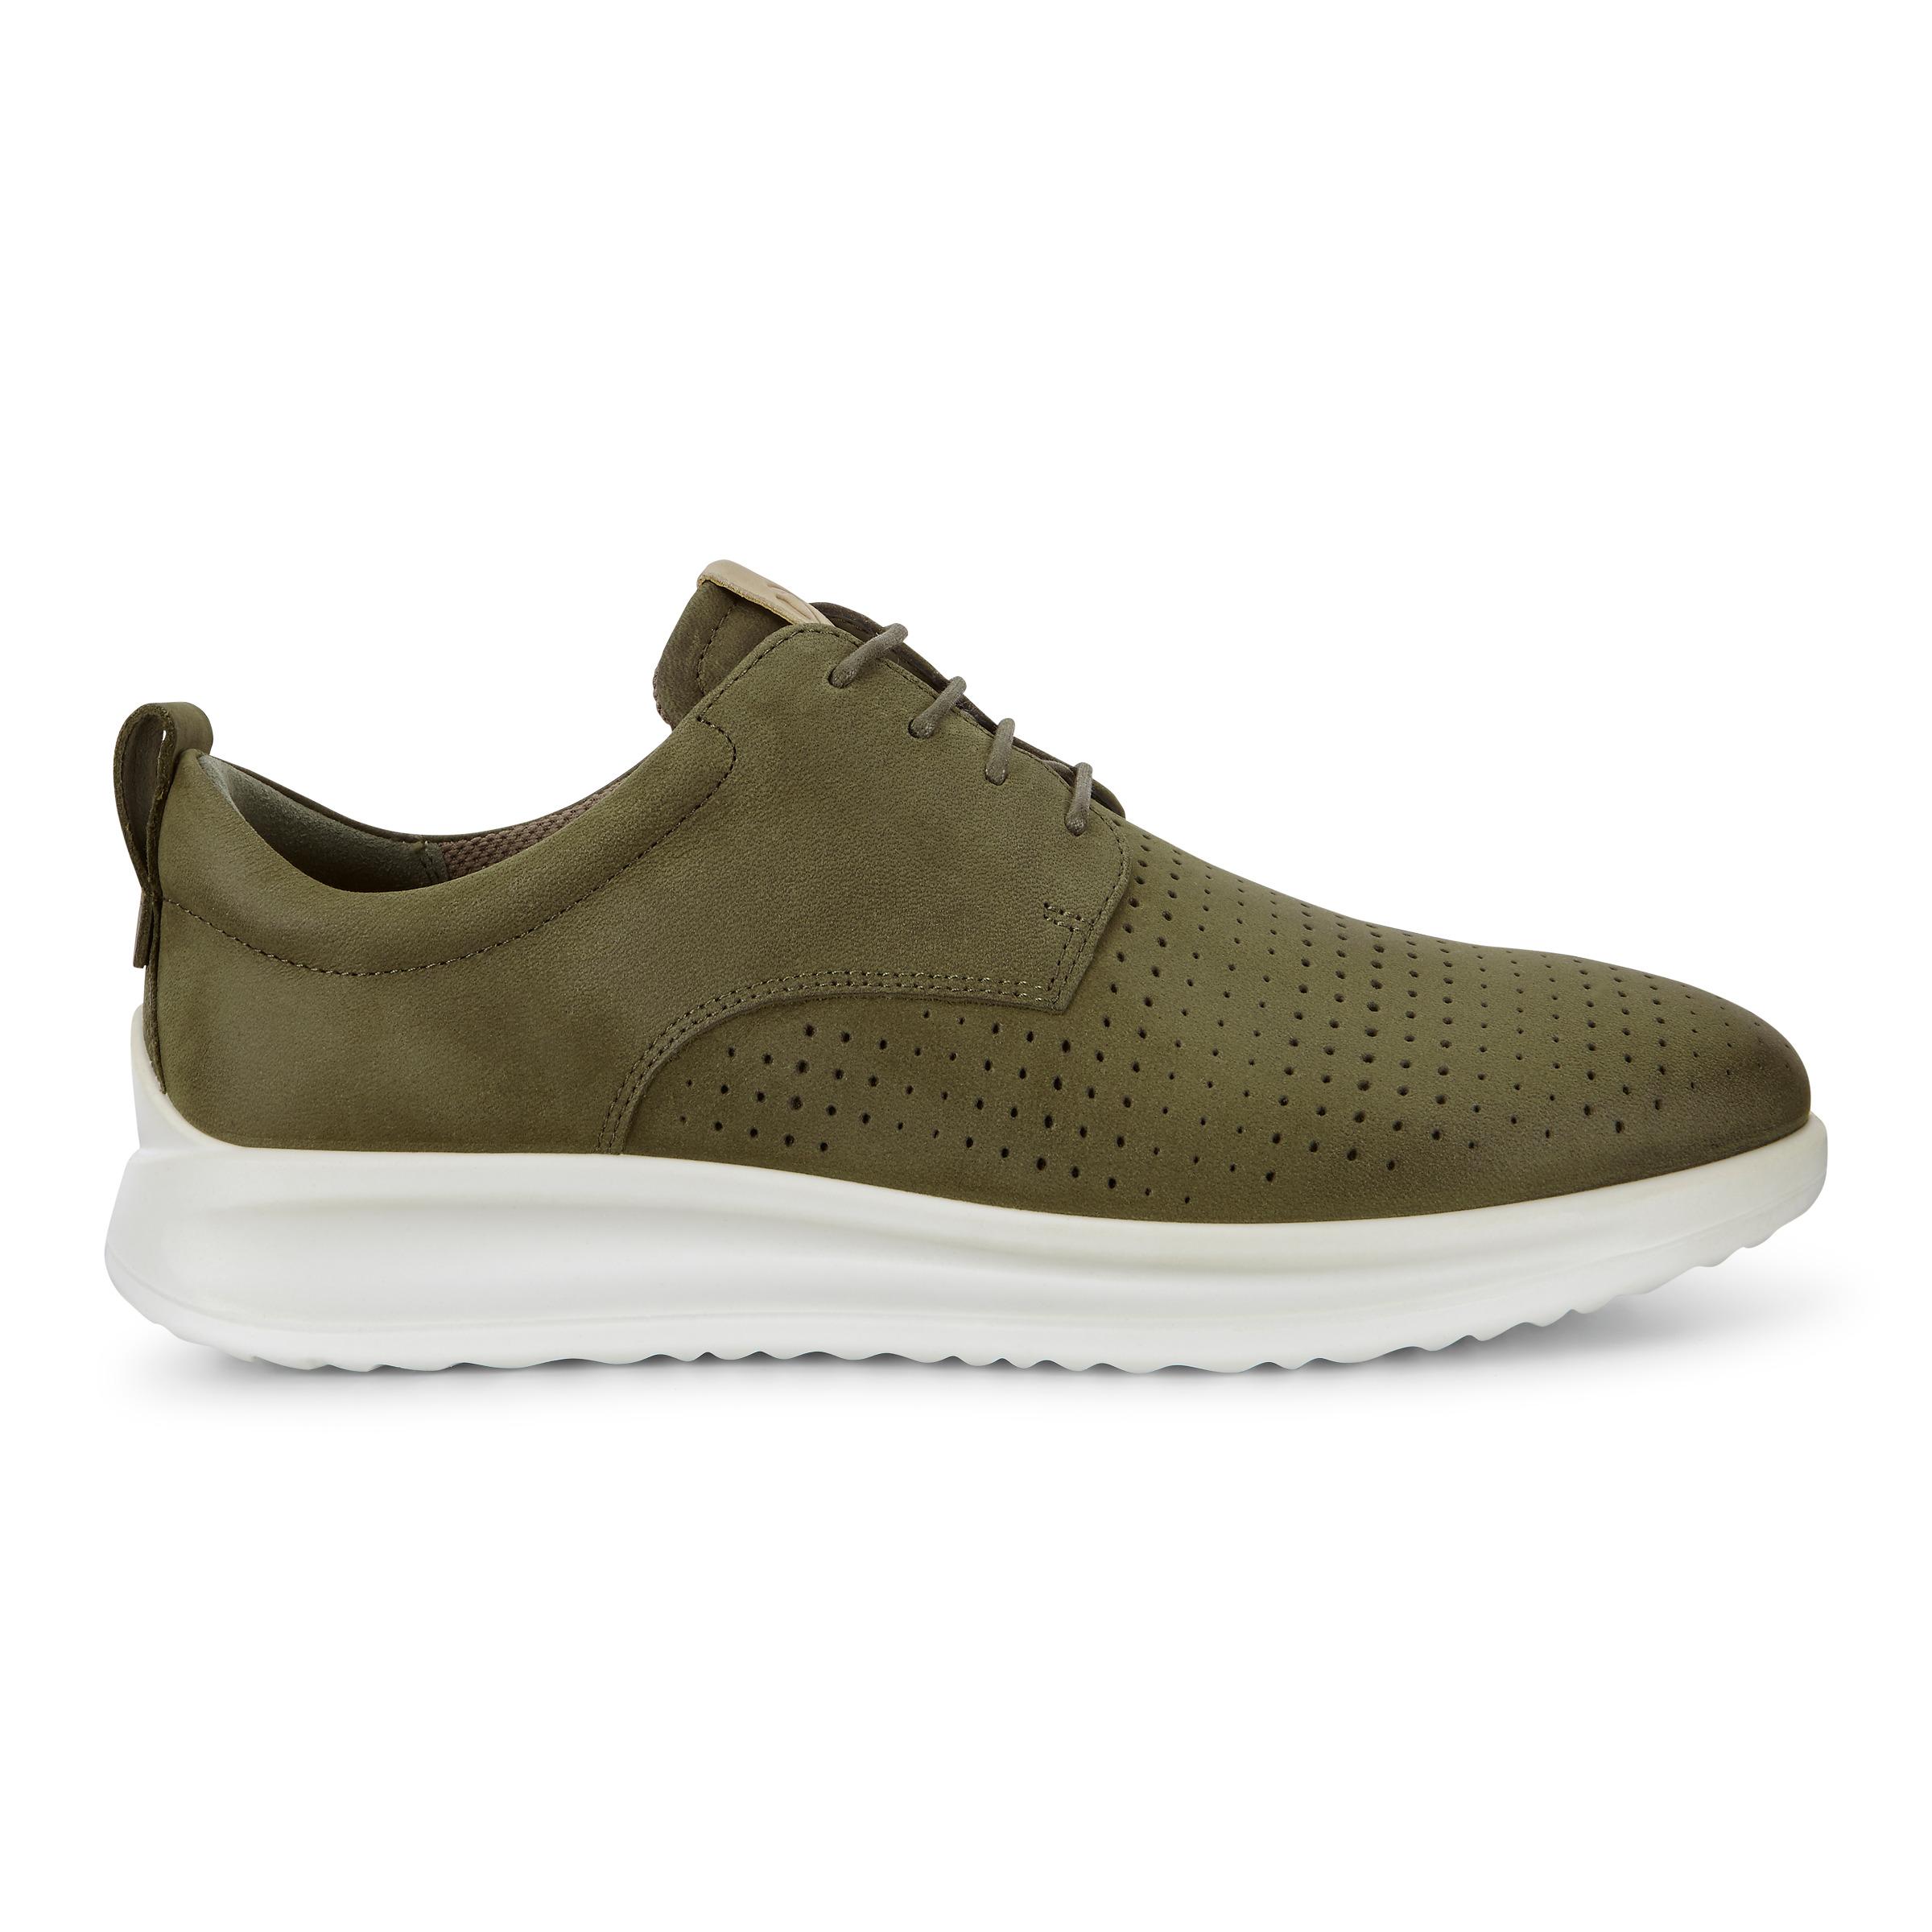 ECCO Mens Aquet Perf Tie Sneakers Size 10-10.5 Grape Leaf